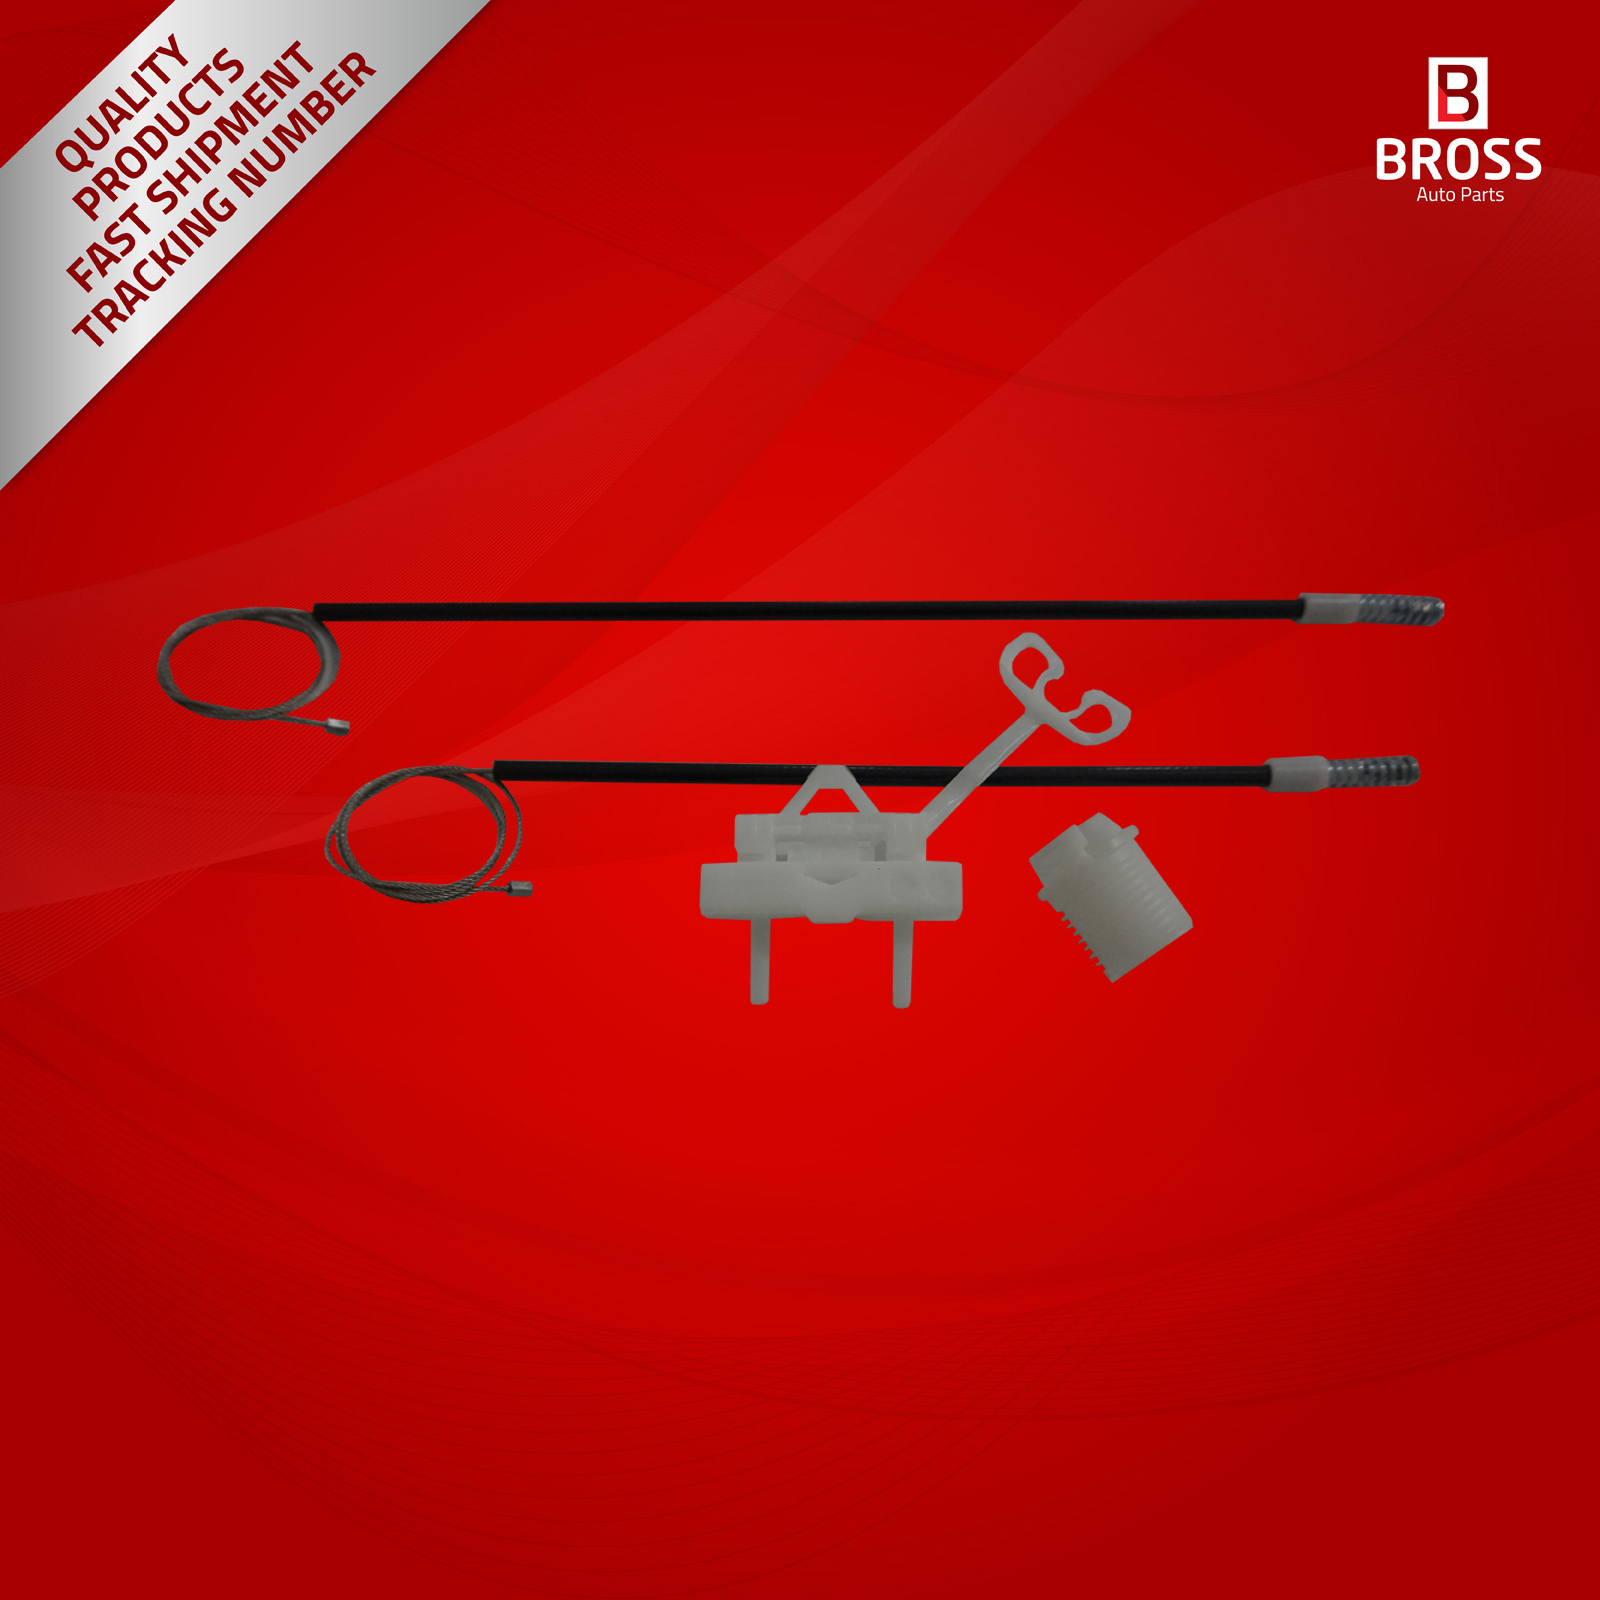 BWR5182 lève-vitre manuel 51723323 kit de réparation arrière droit pour Punto 199